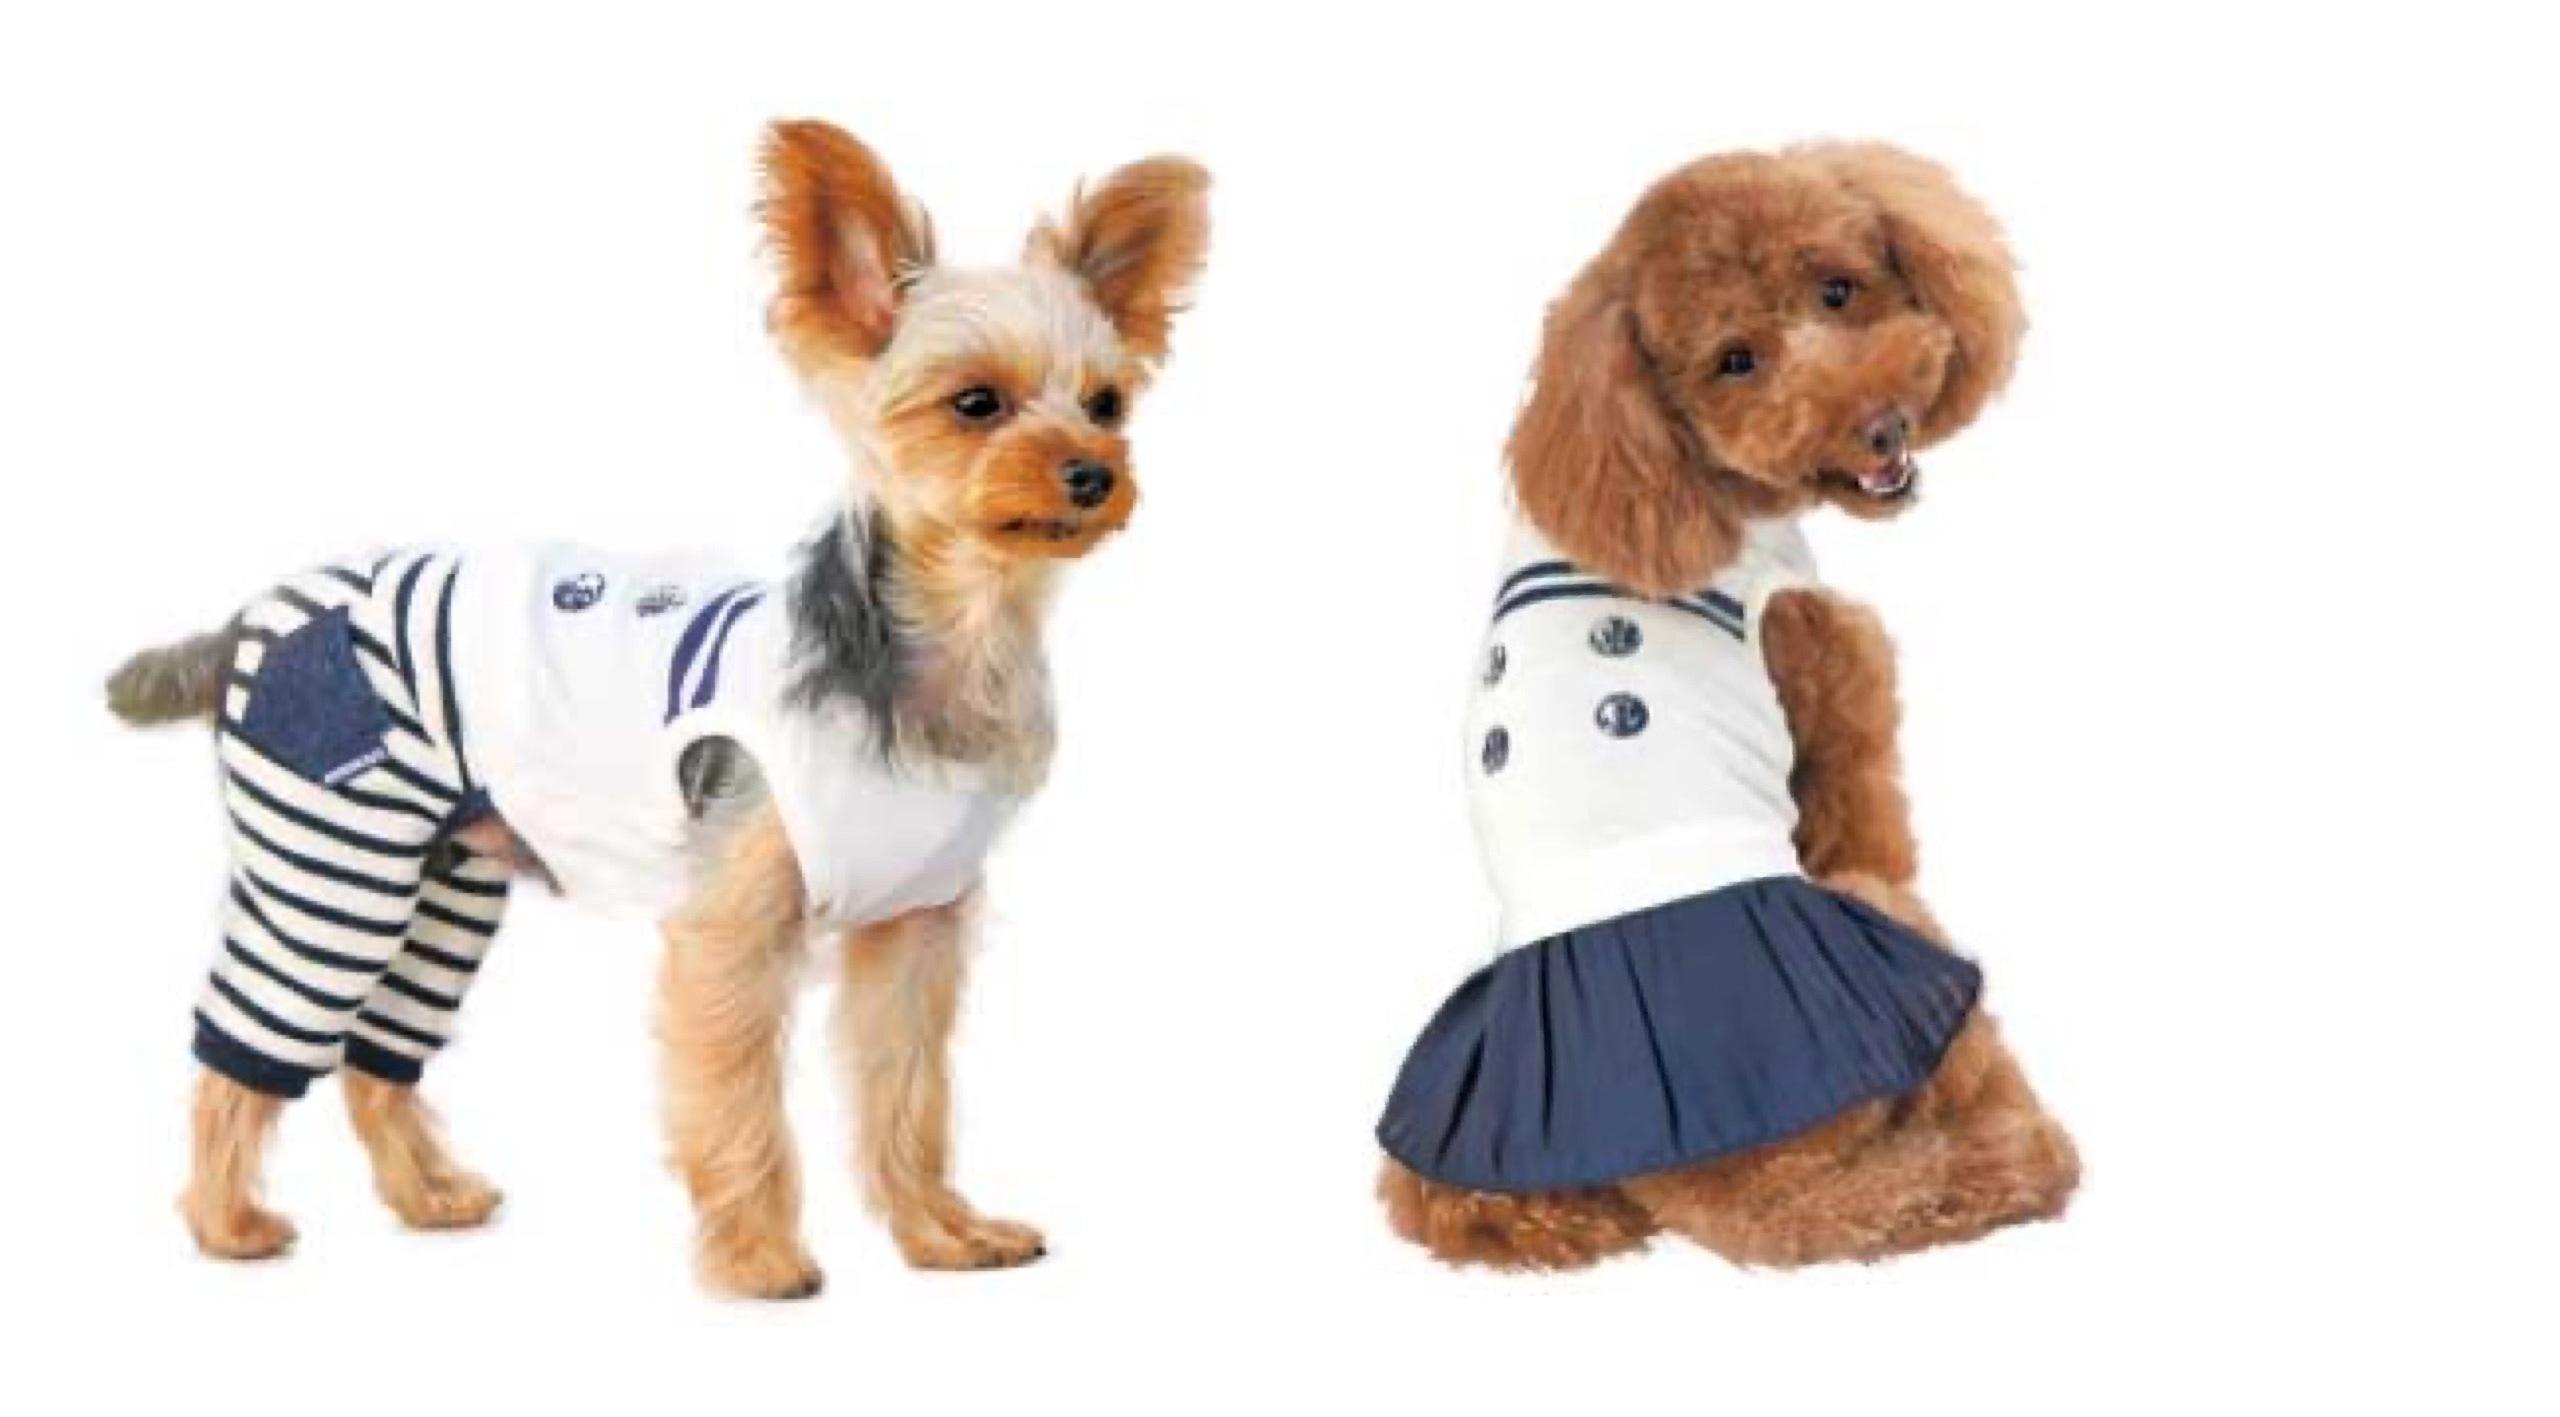 2020/03/20-22 宝塚 「犬と生活」新作ウェア